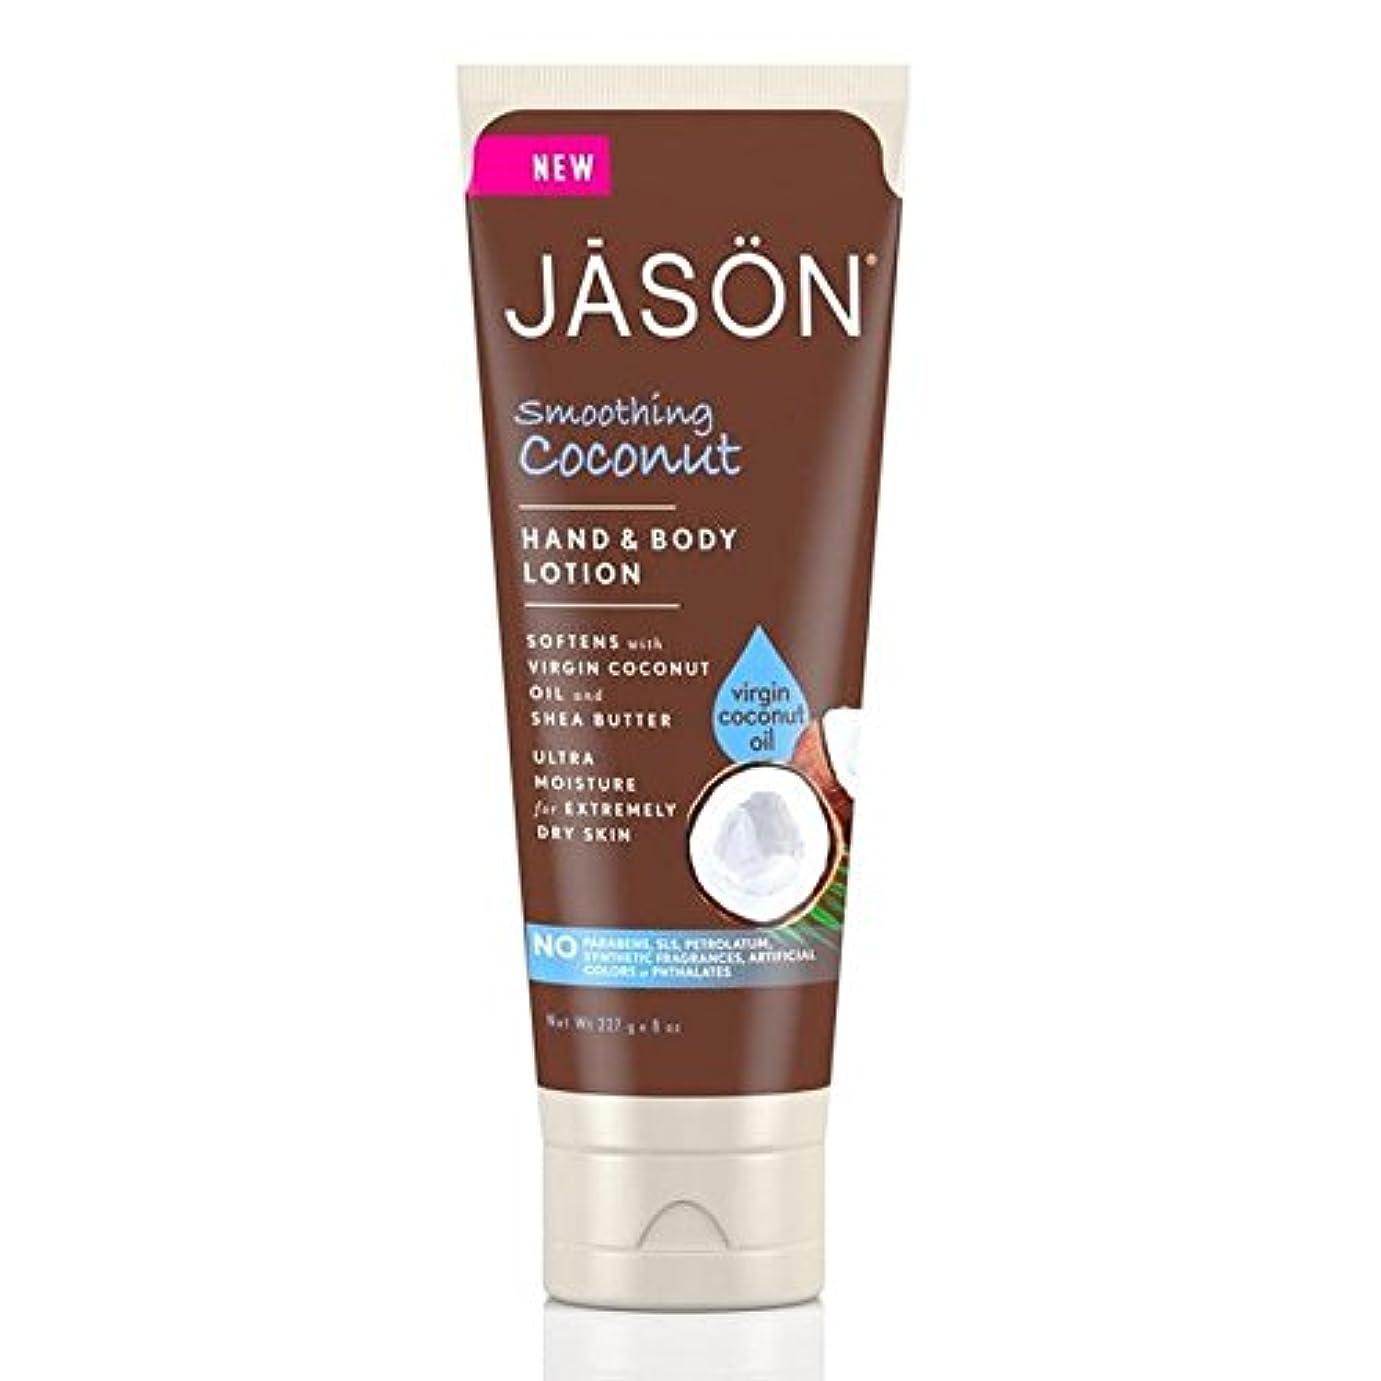 一緒にすずめ証明書ジェイソン?ココナッツハンド&ボディローション227グラム x4 - Jason Coconut Hand & Body Lotion 227g (Pack of 4) [並行輸入品]